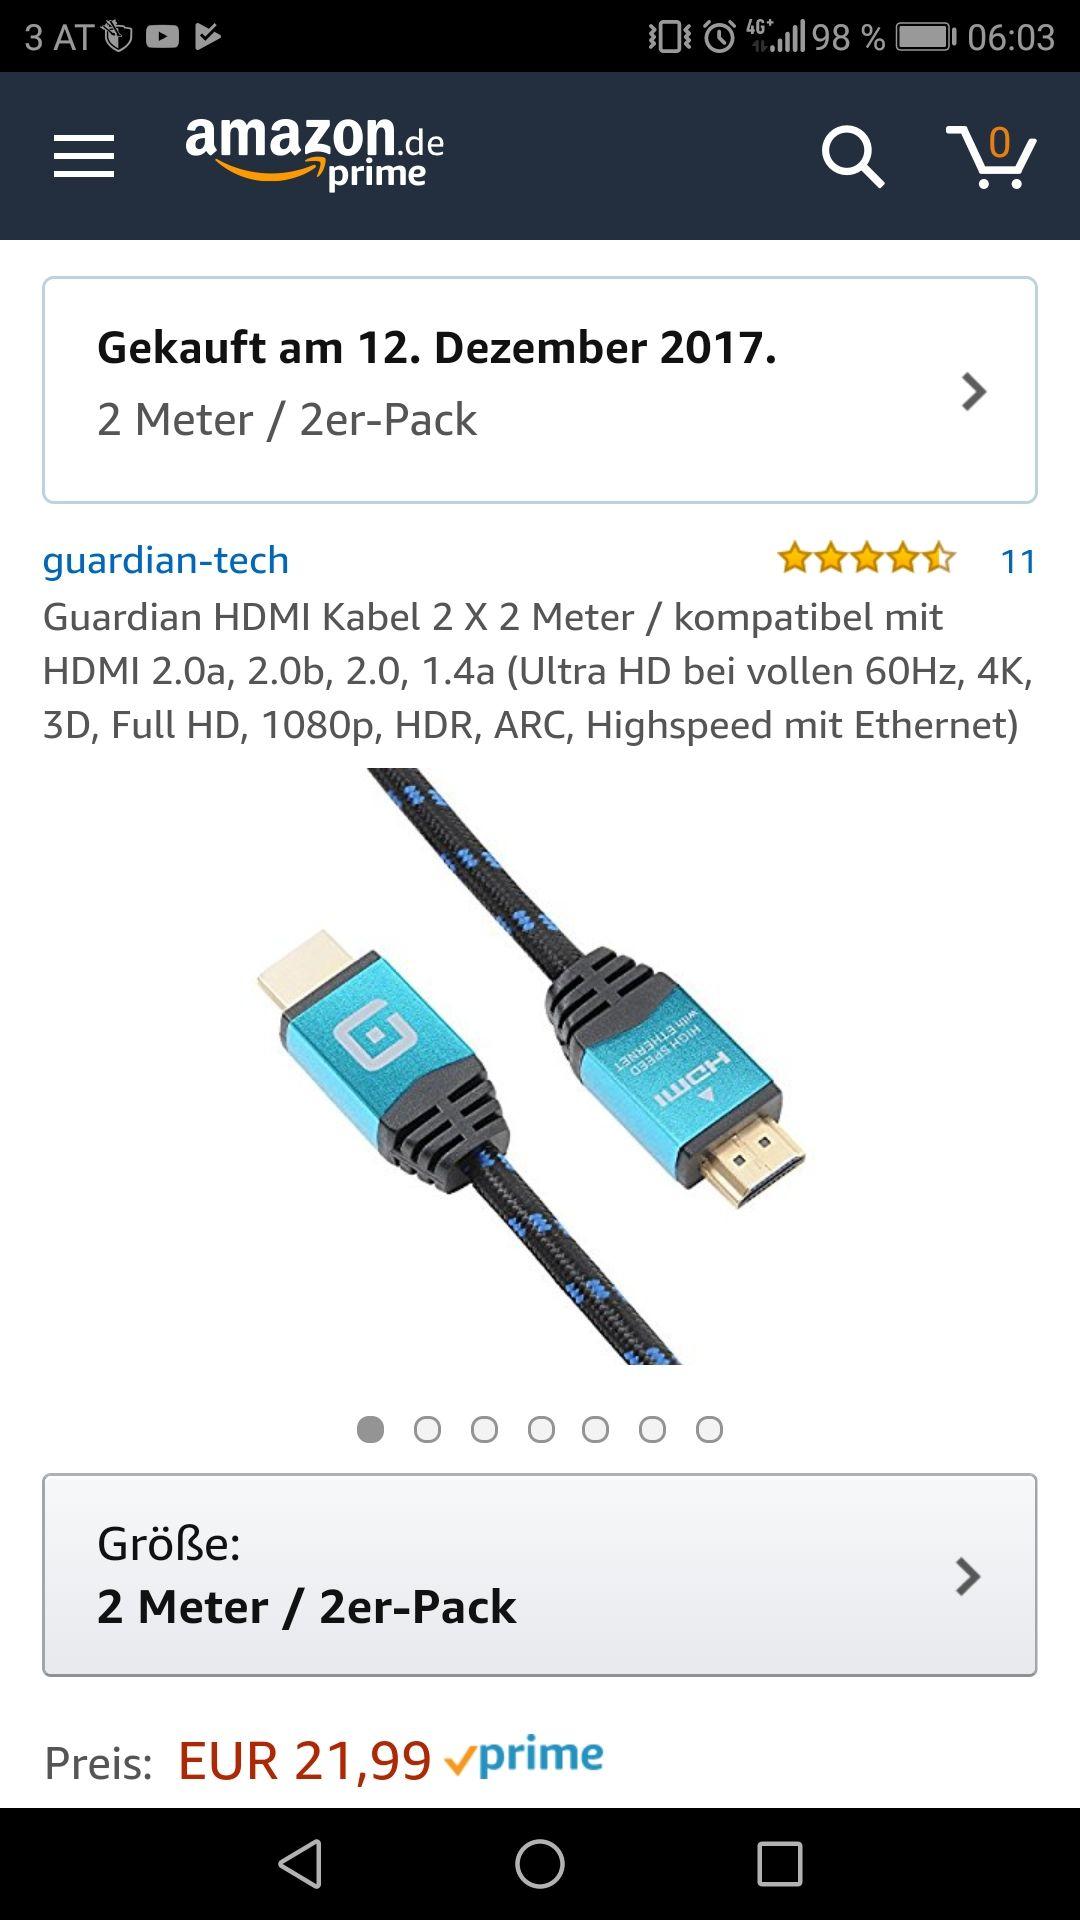 Kd 55a1 Probleme Mit Hdmi3 Arc Eingang Sony Kabel Hdmi To 3 Meter Screenshot 20180116 060320